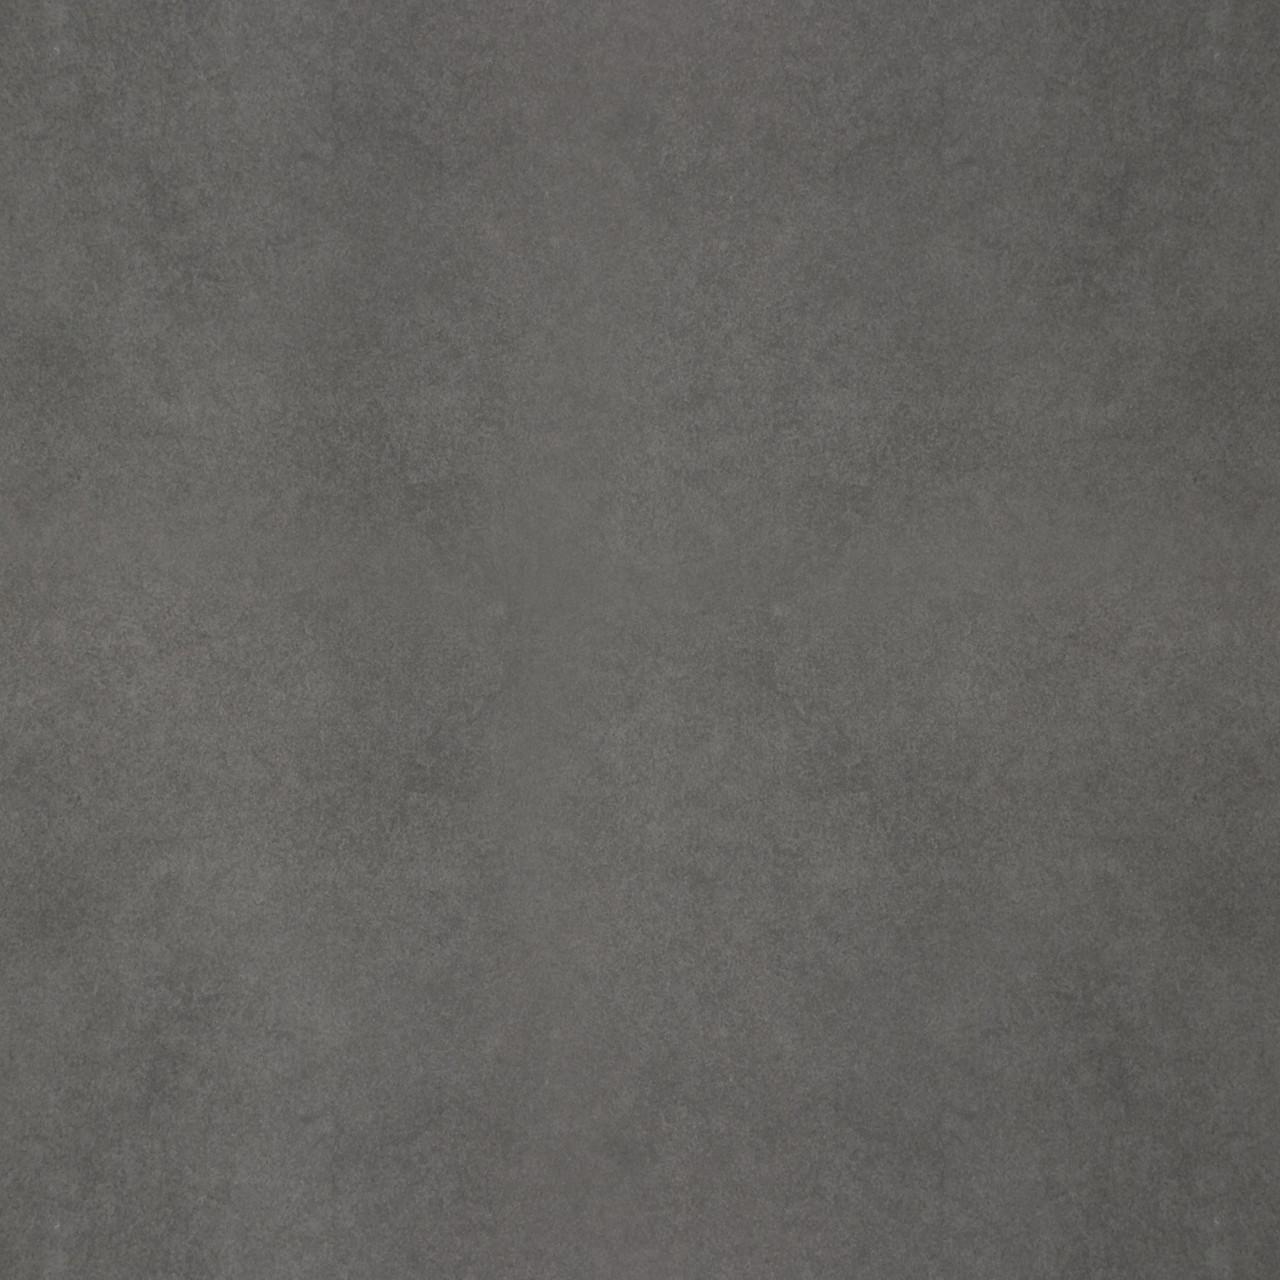 Плитка для пола ректифицированная Arc GRT 600x600 /4 P